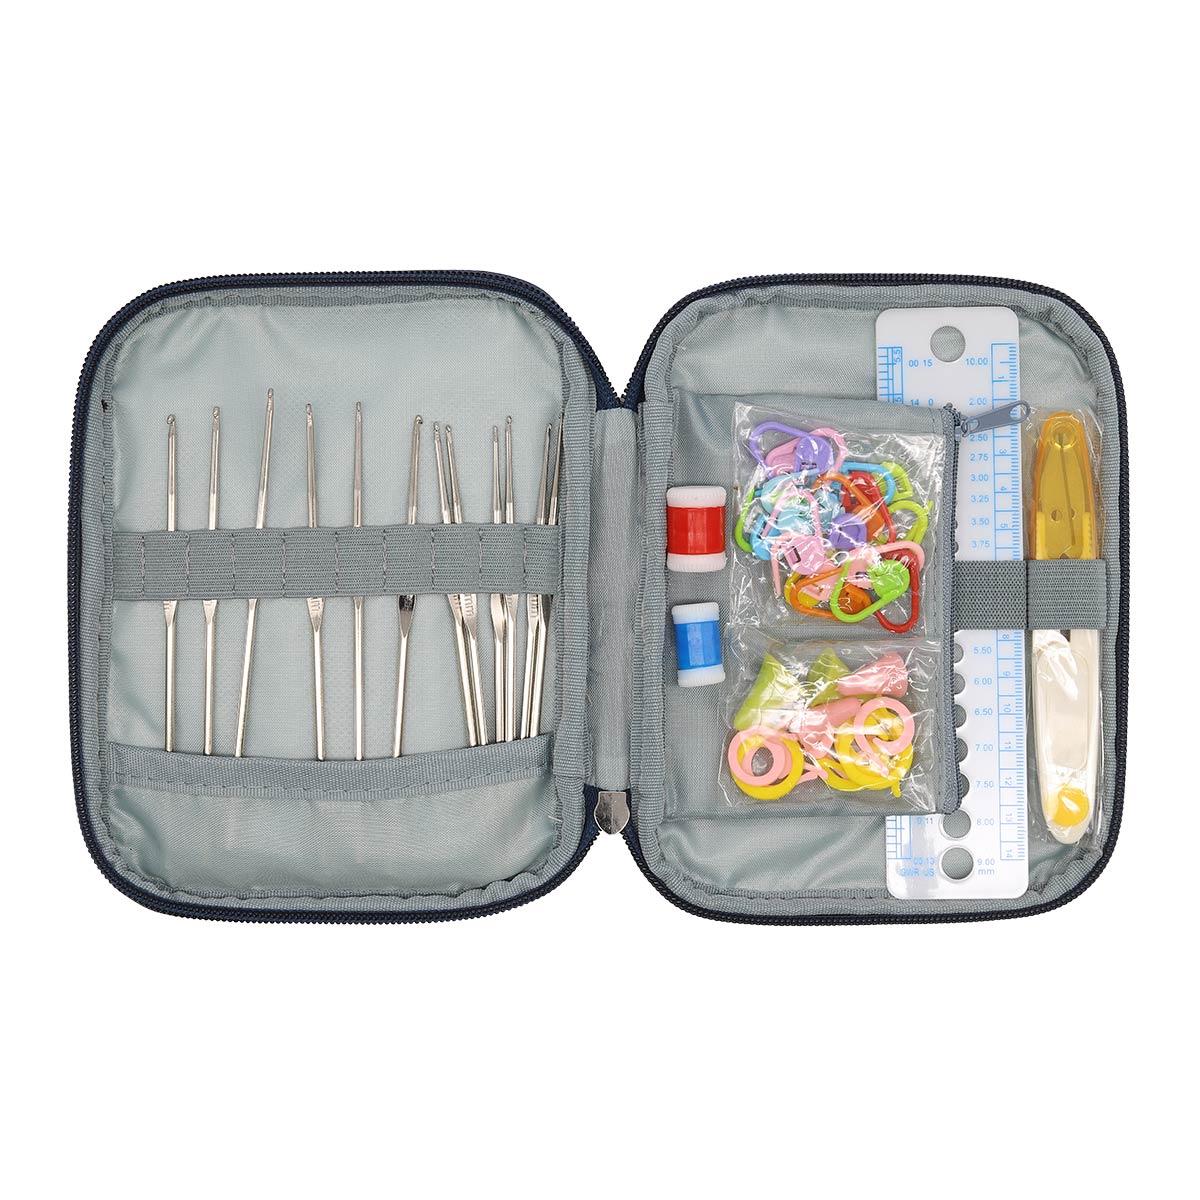 CK070 Набор вязальных принадлежностей, многофунциальный подарочный,72 предмета,13,5*17,5см Hobby&Pro